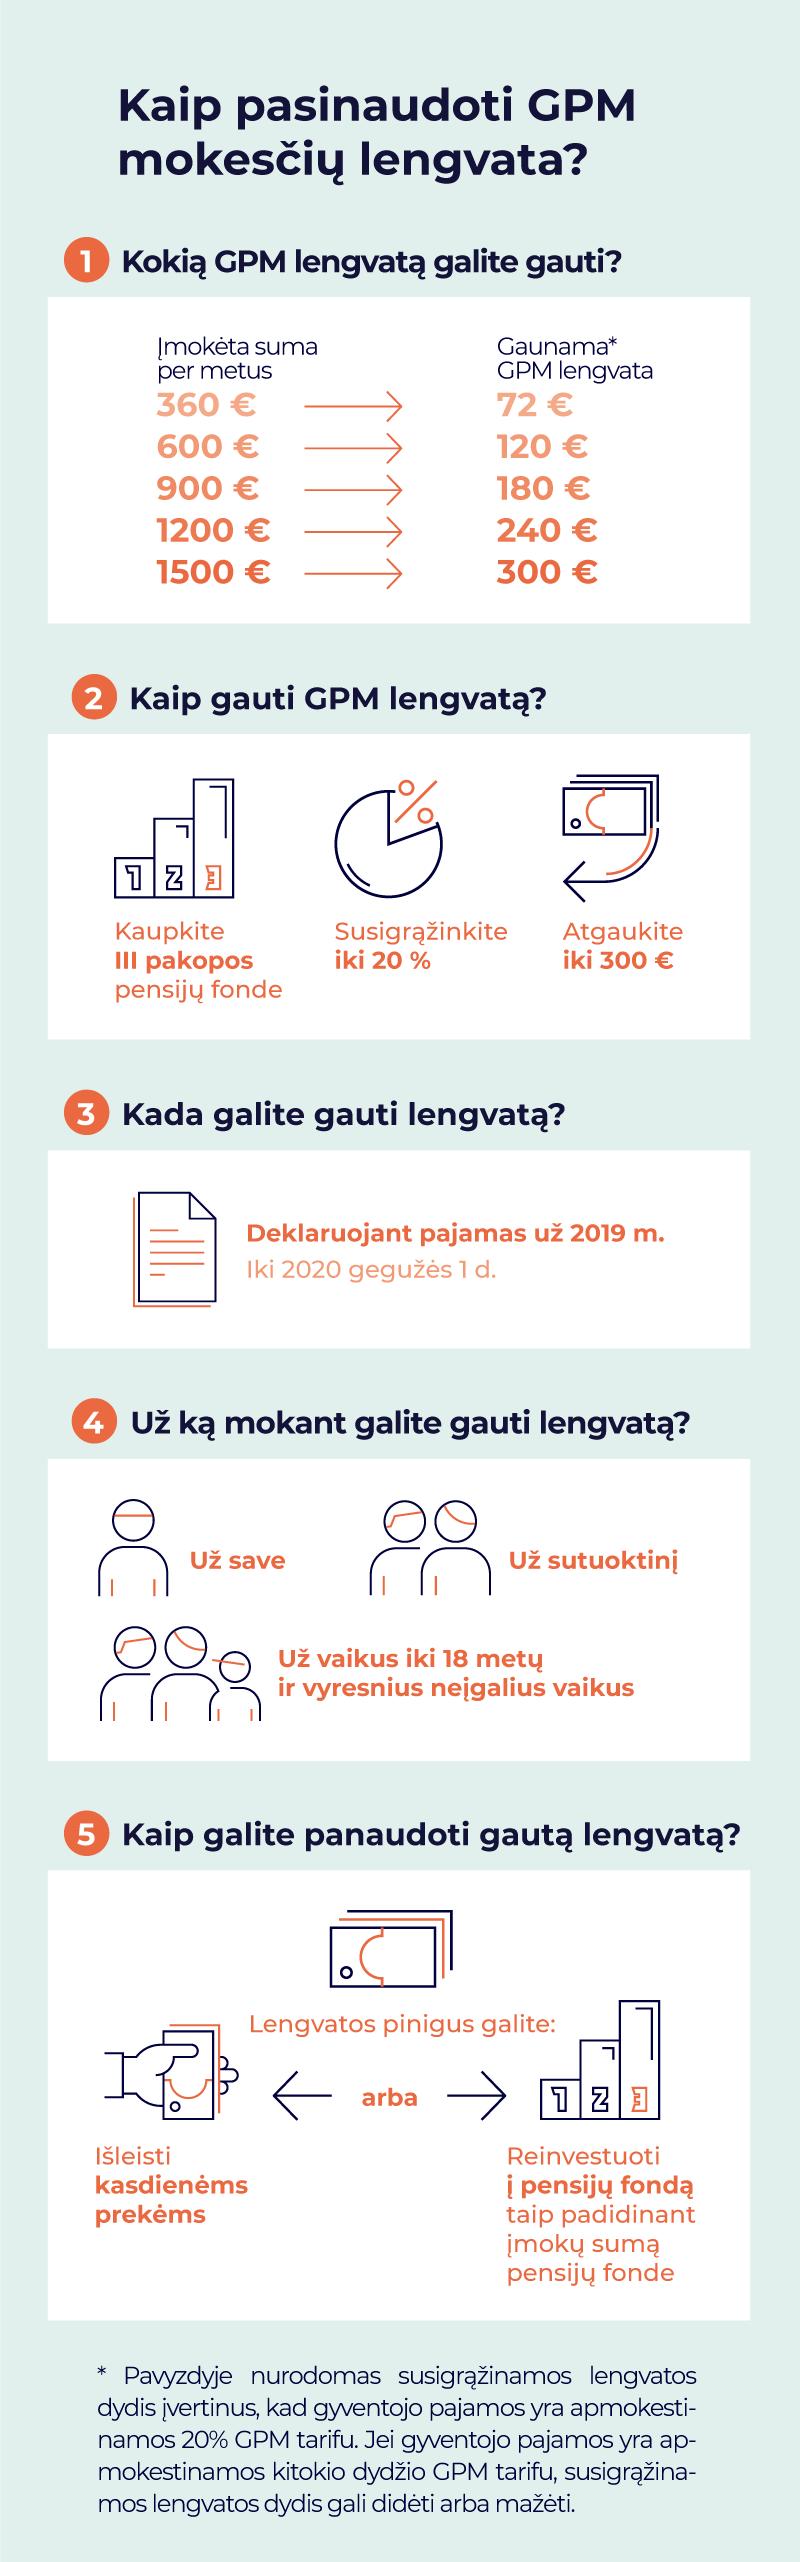 akcijų pasirinkimo sandoriai pasiūlymo laiške)